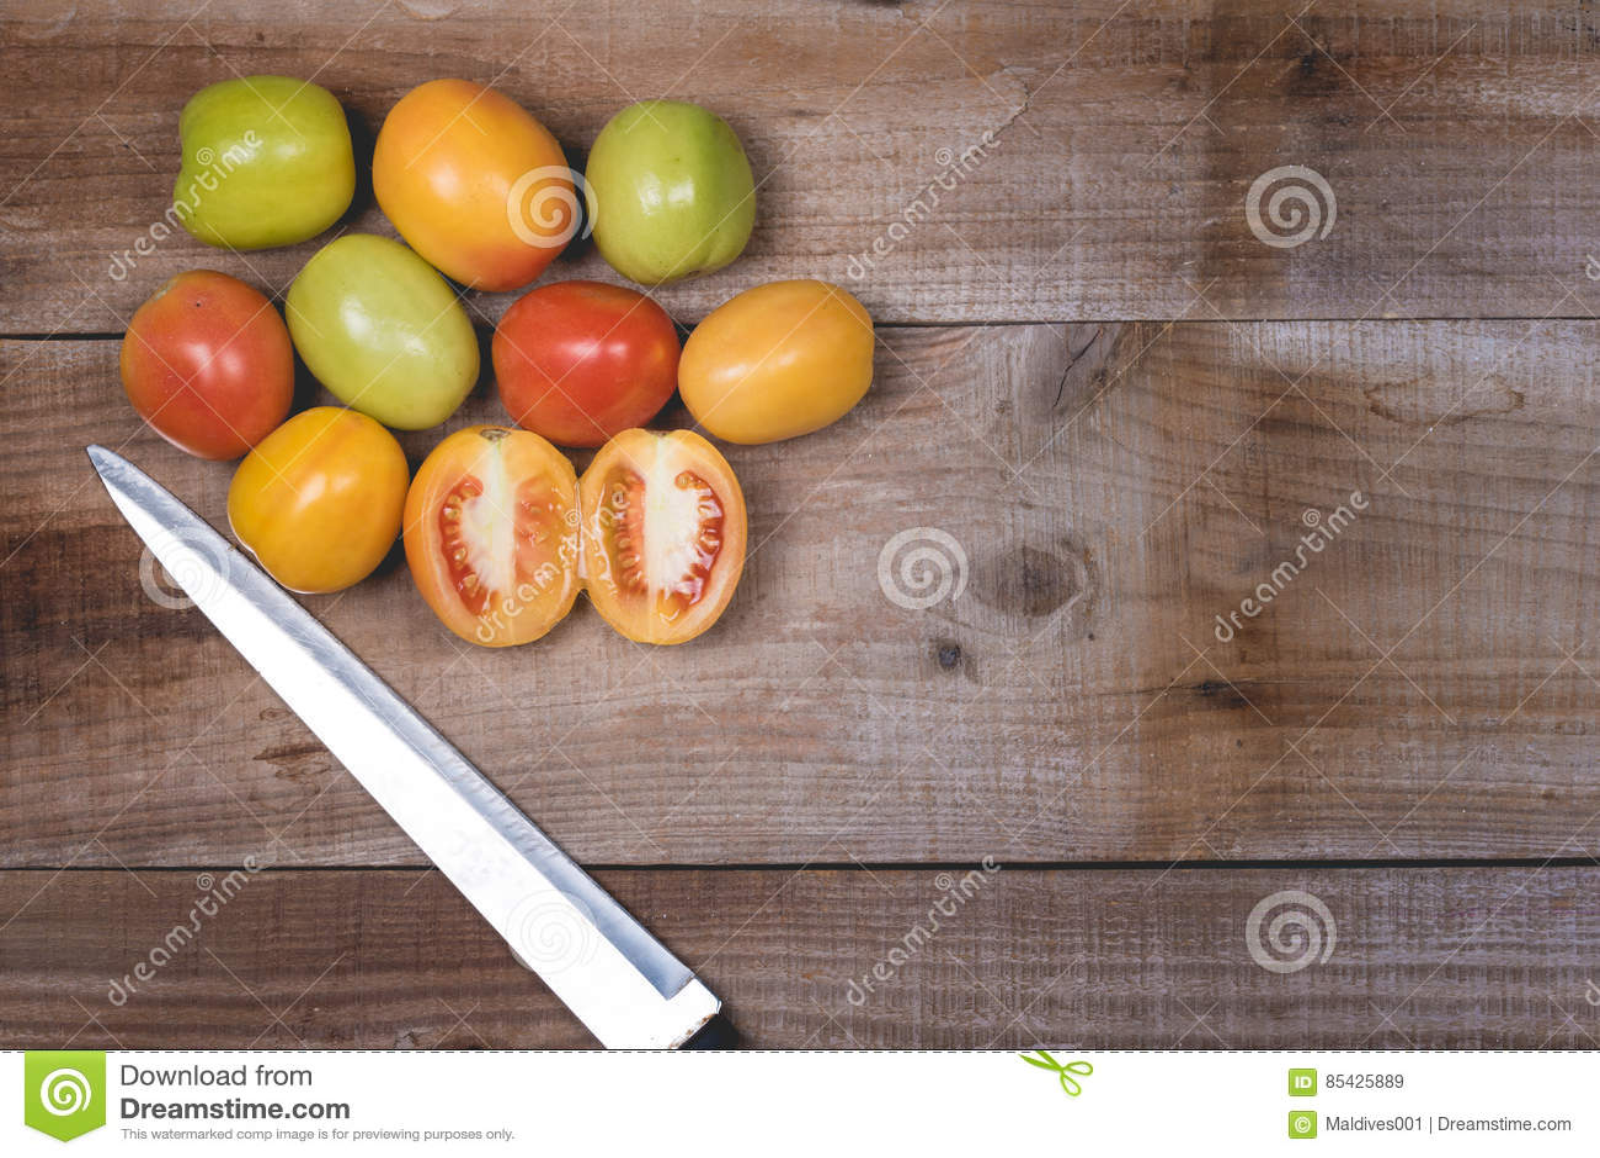 Ακατέργαστες ντομάτες σε ένα ξύλινο υπόβαθρο